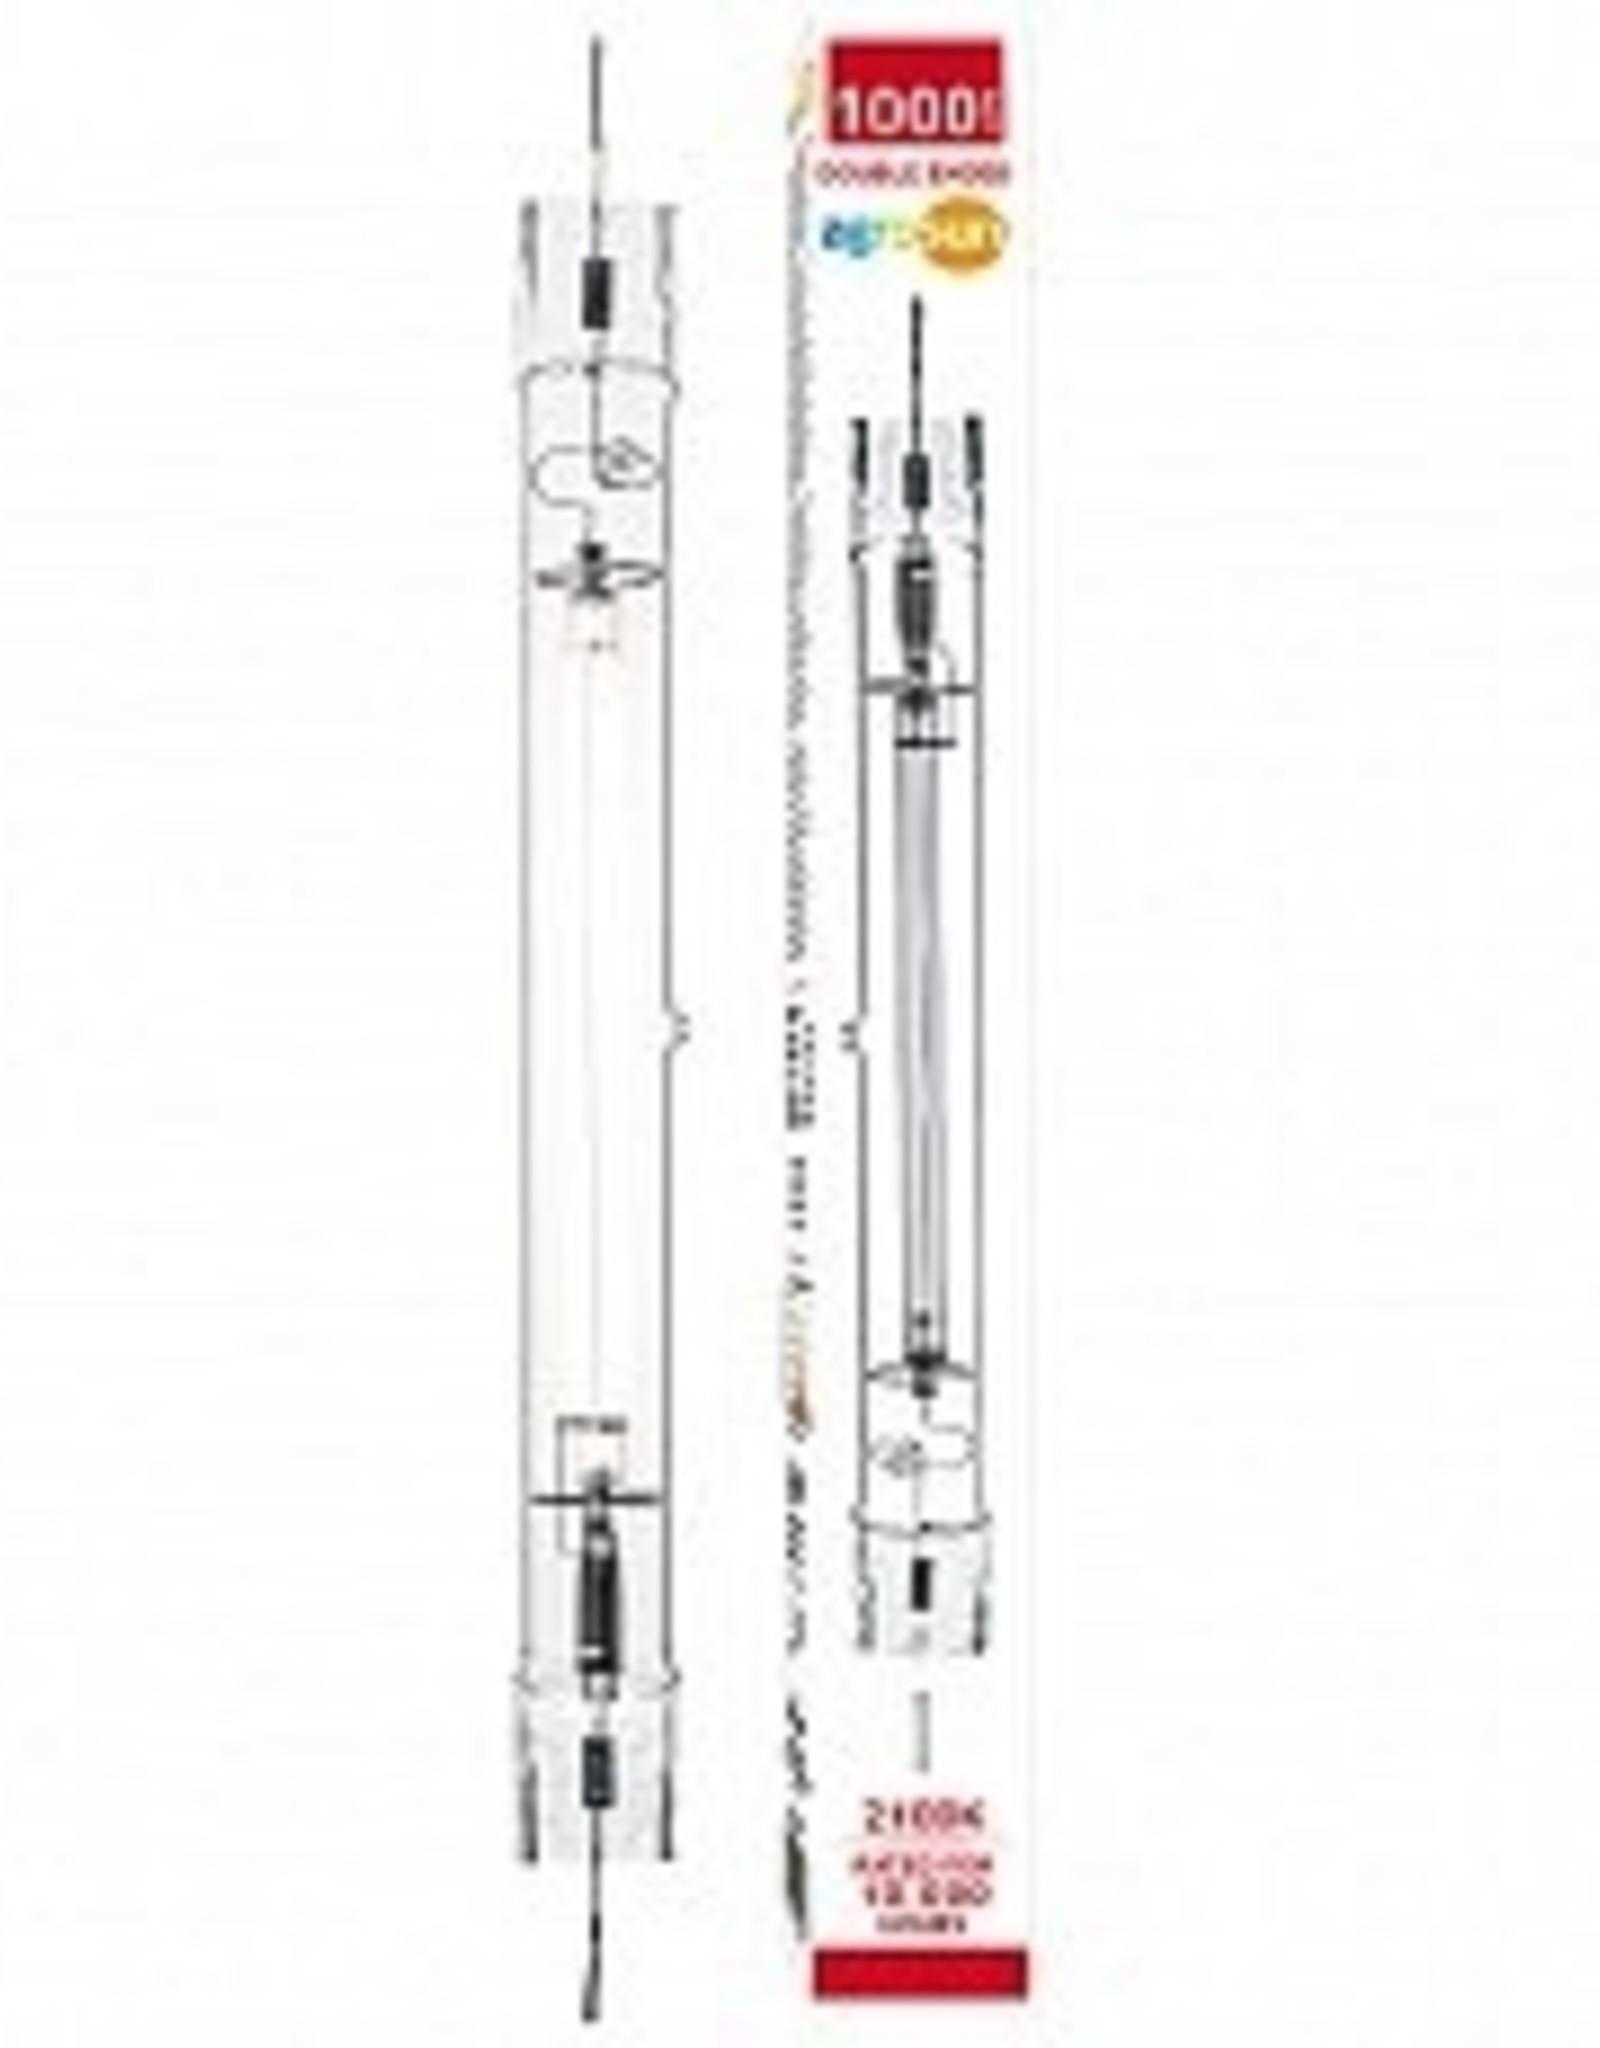 Agrosun Agrosun 1000W HPS 400V Double-Ended Bulb